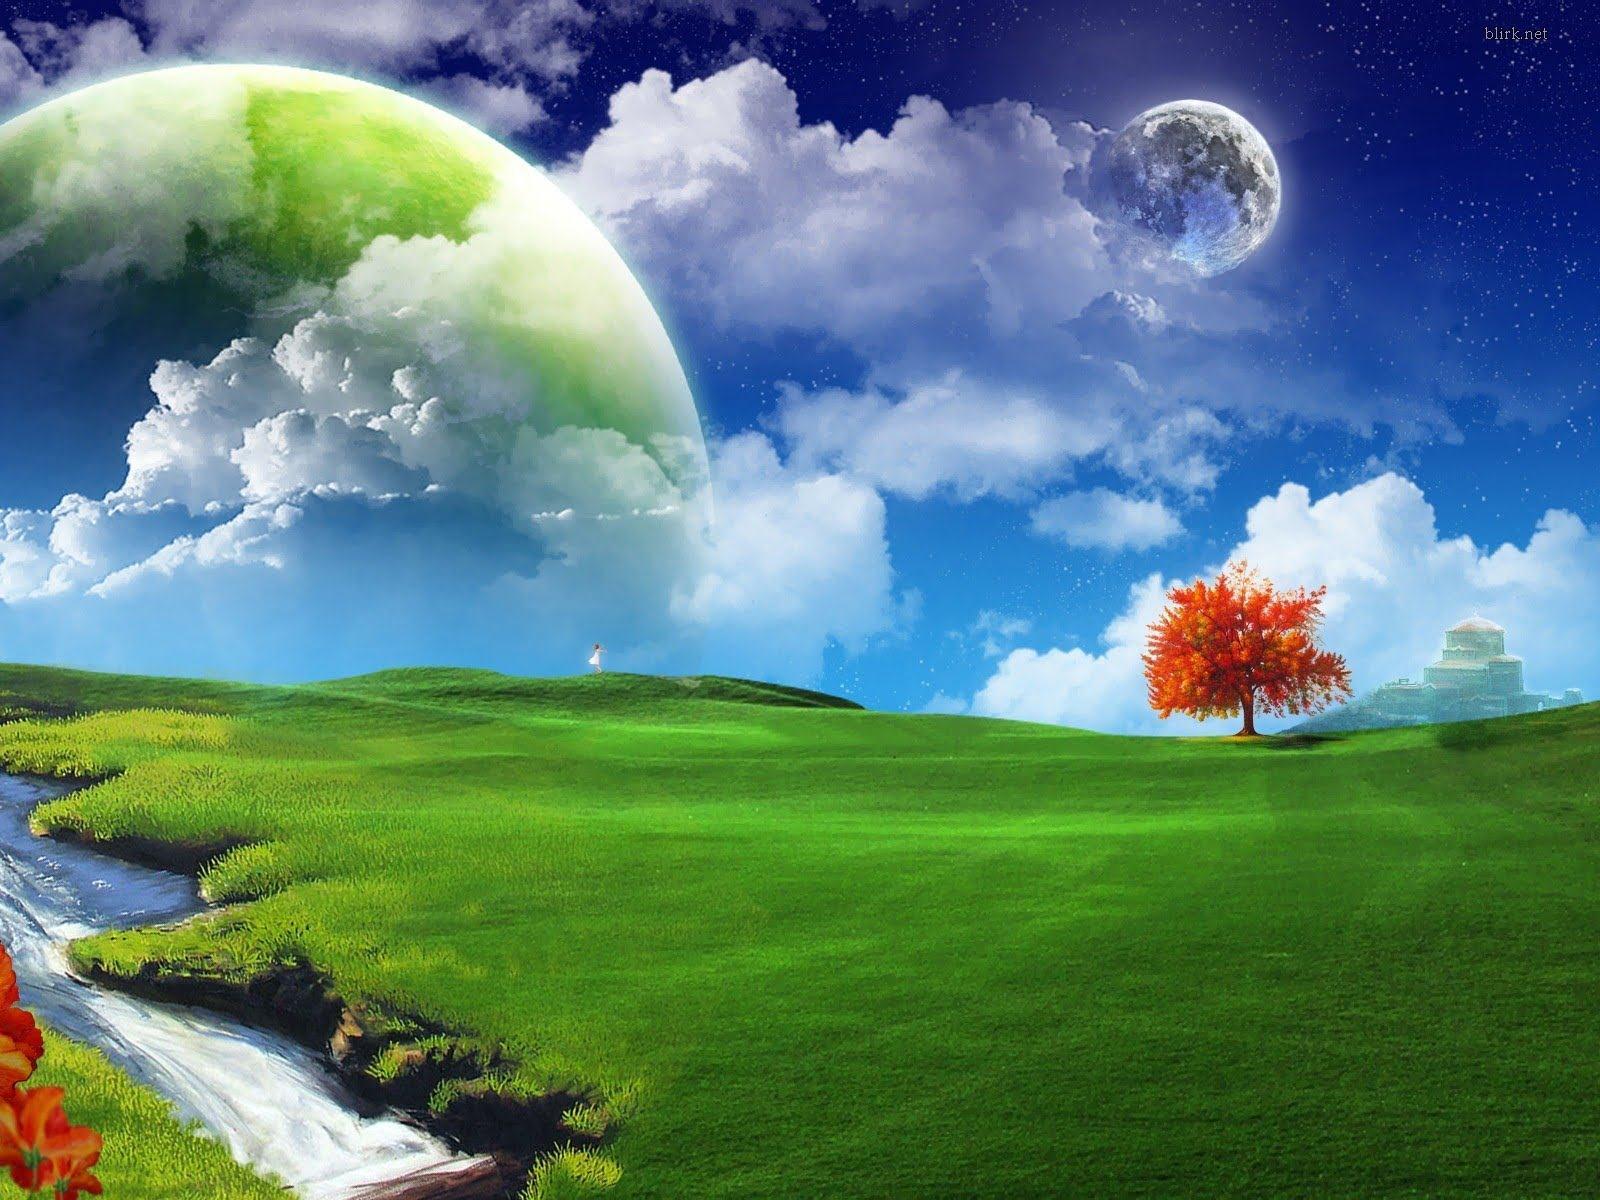 Phong cảnh thiên nhiên tươi sáng mang lại một cảm giác tuyệt vời